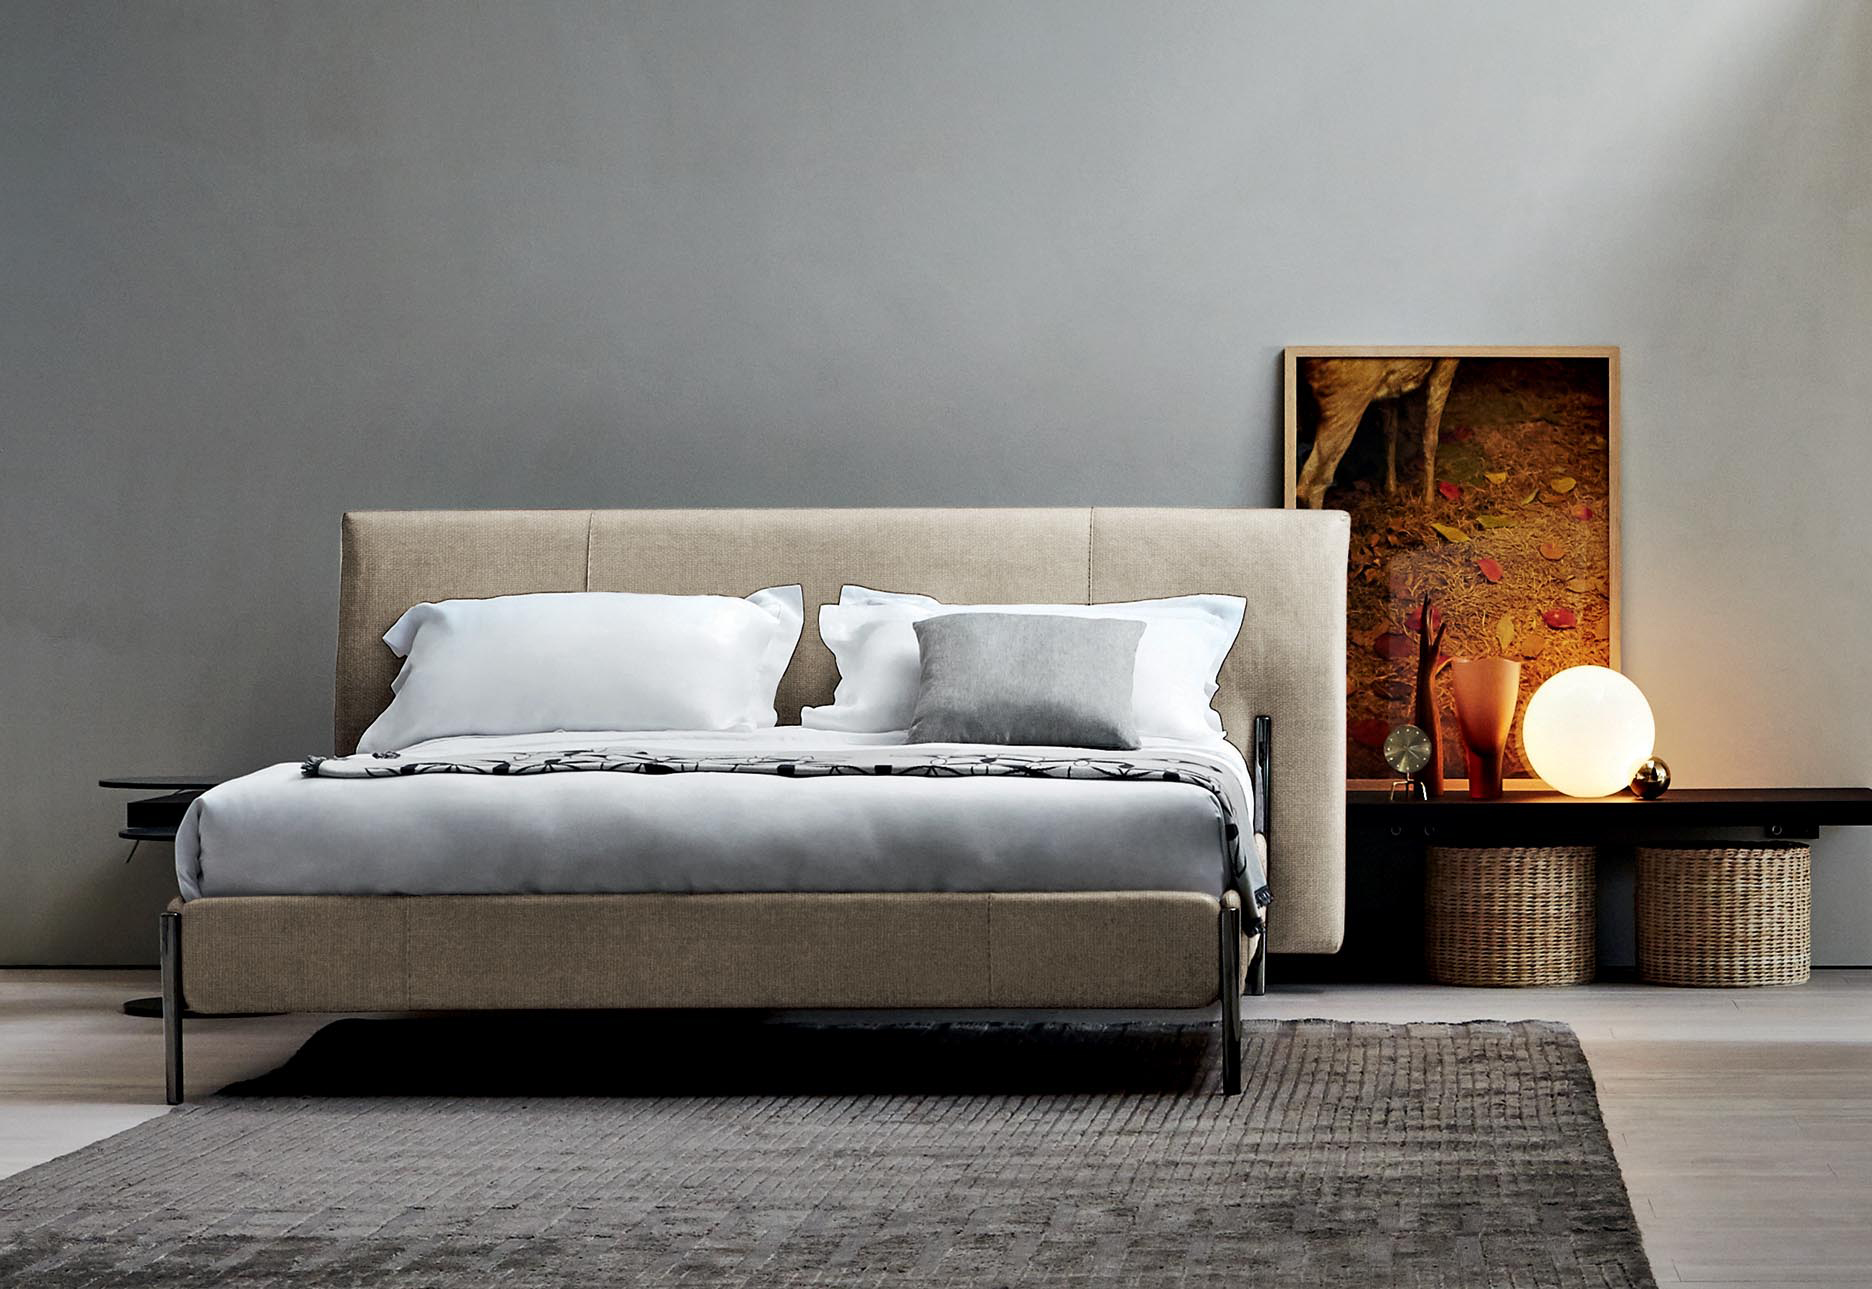 Letti progetto arredamento d 39 interni for Letti di designer